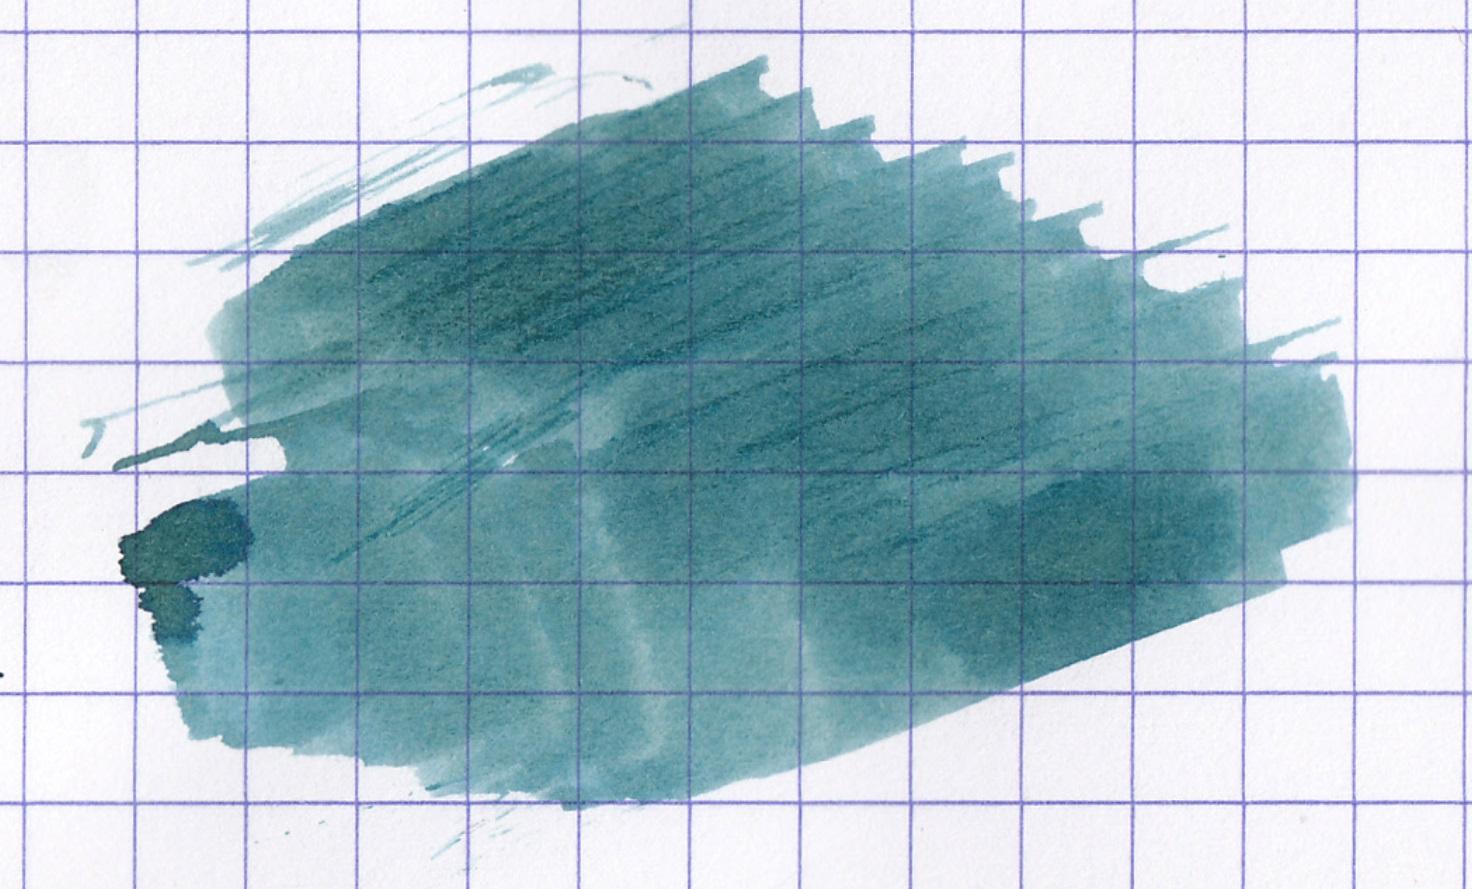 fpn_1452415294__deepseagreen_ox_3.jpg